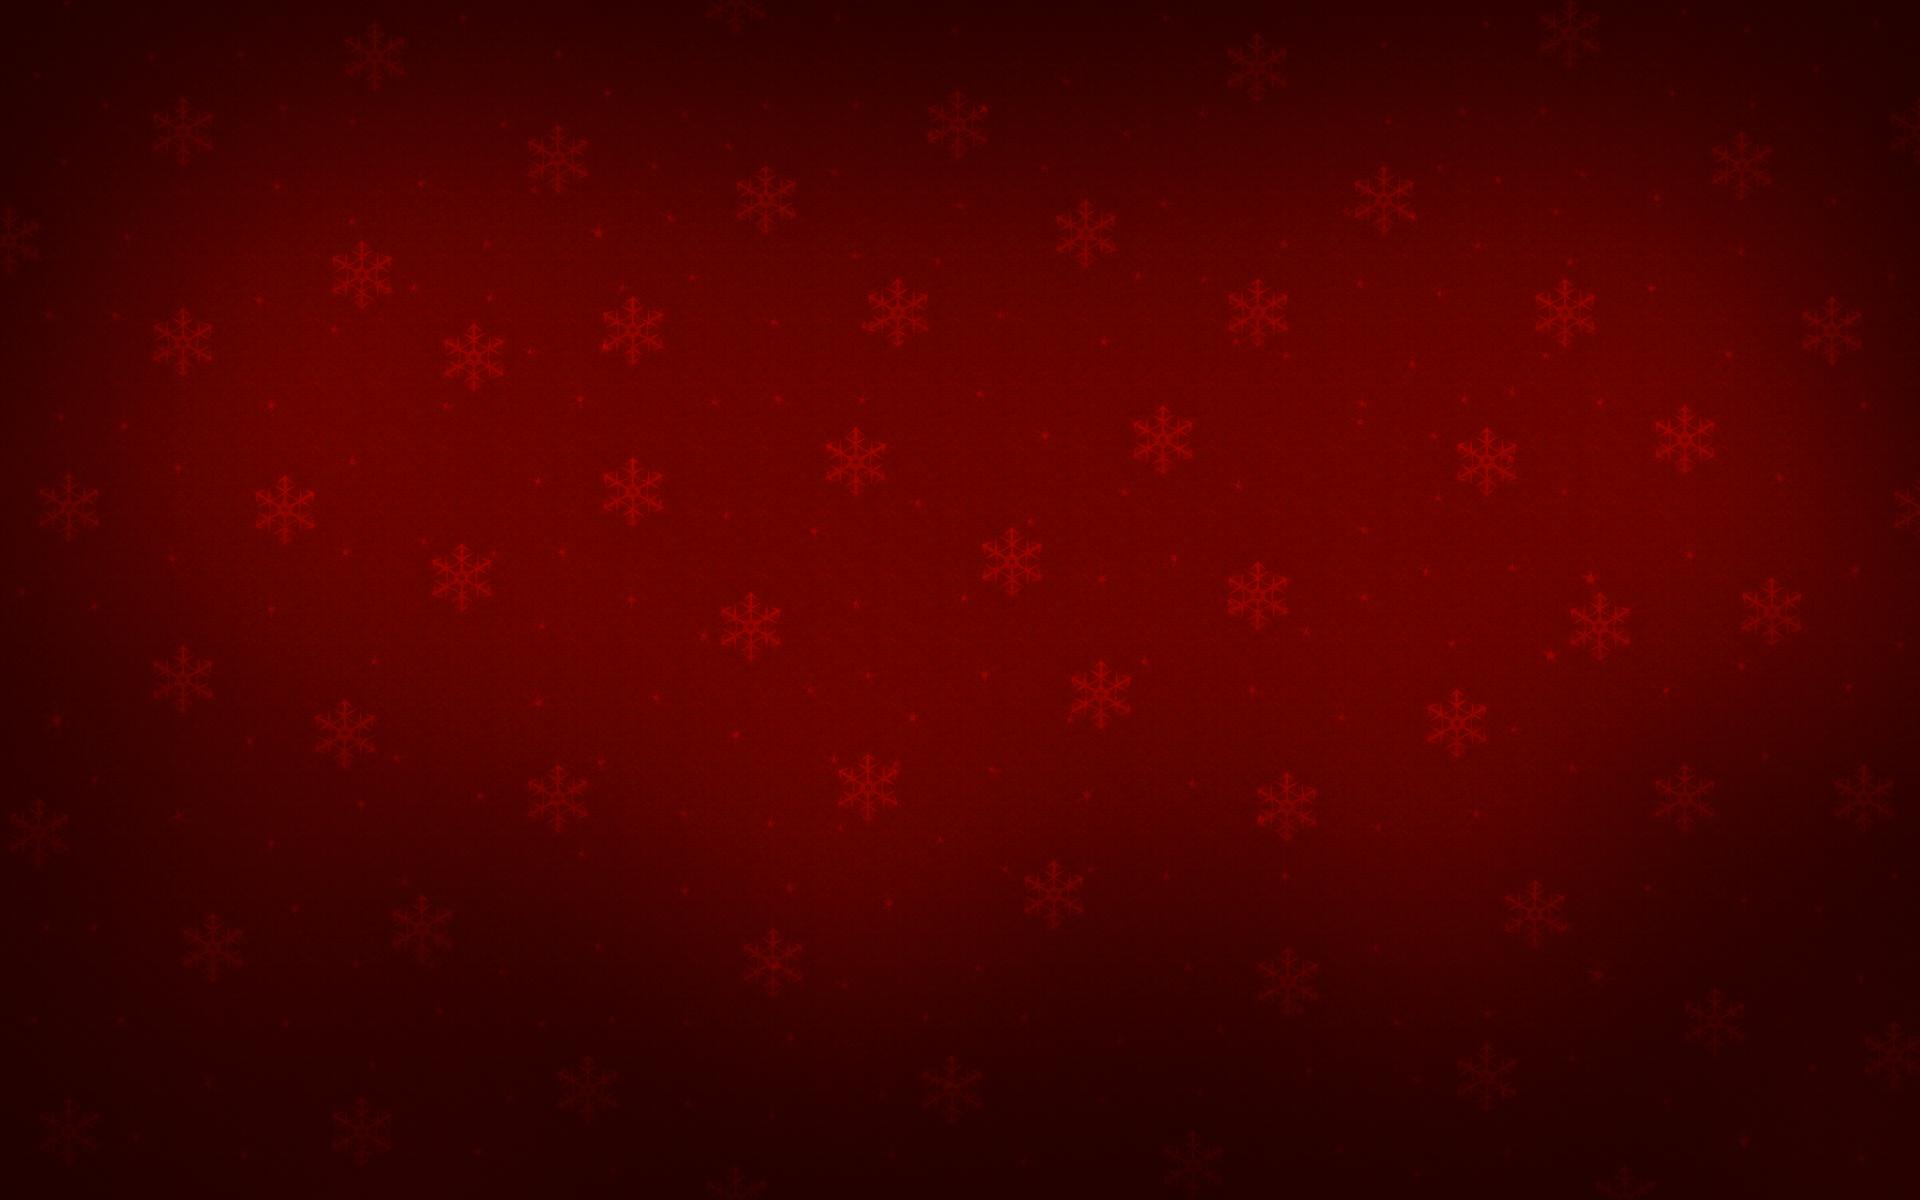 Dark Red Background Wallpaper - WallpaperSafari